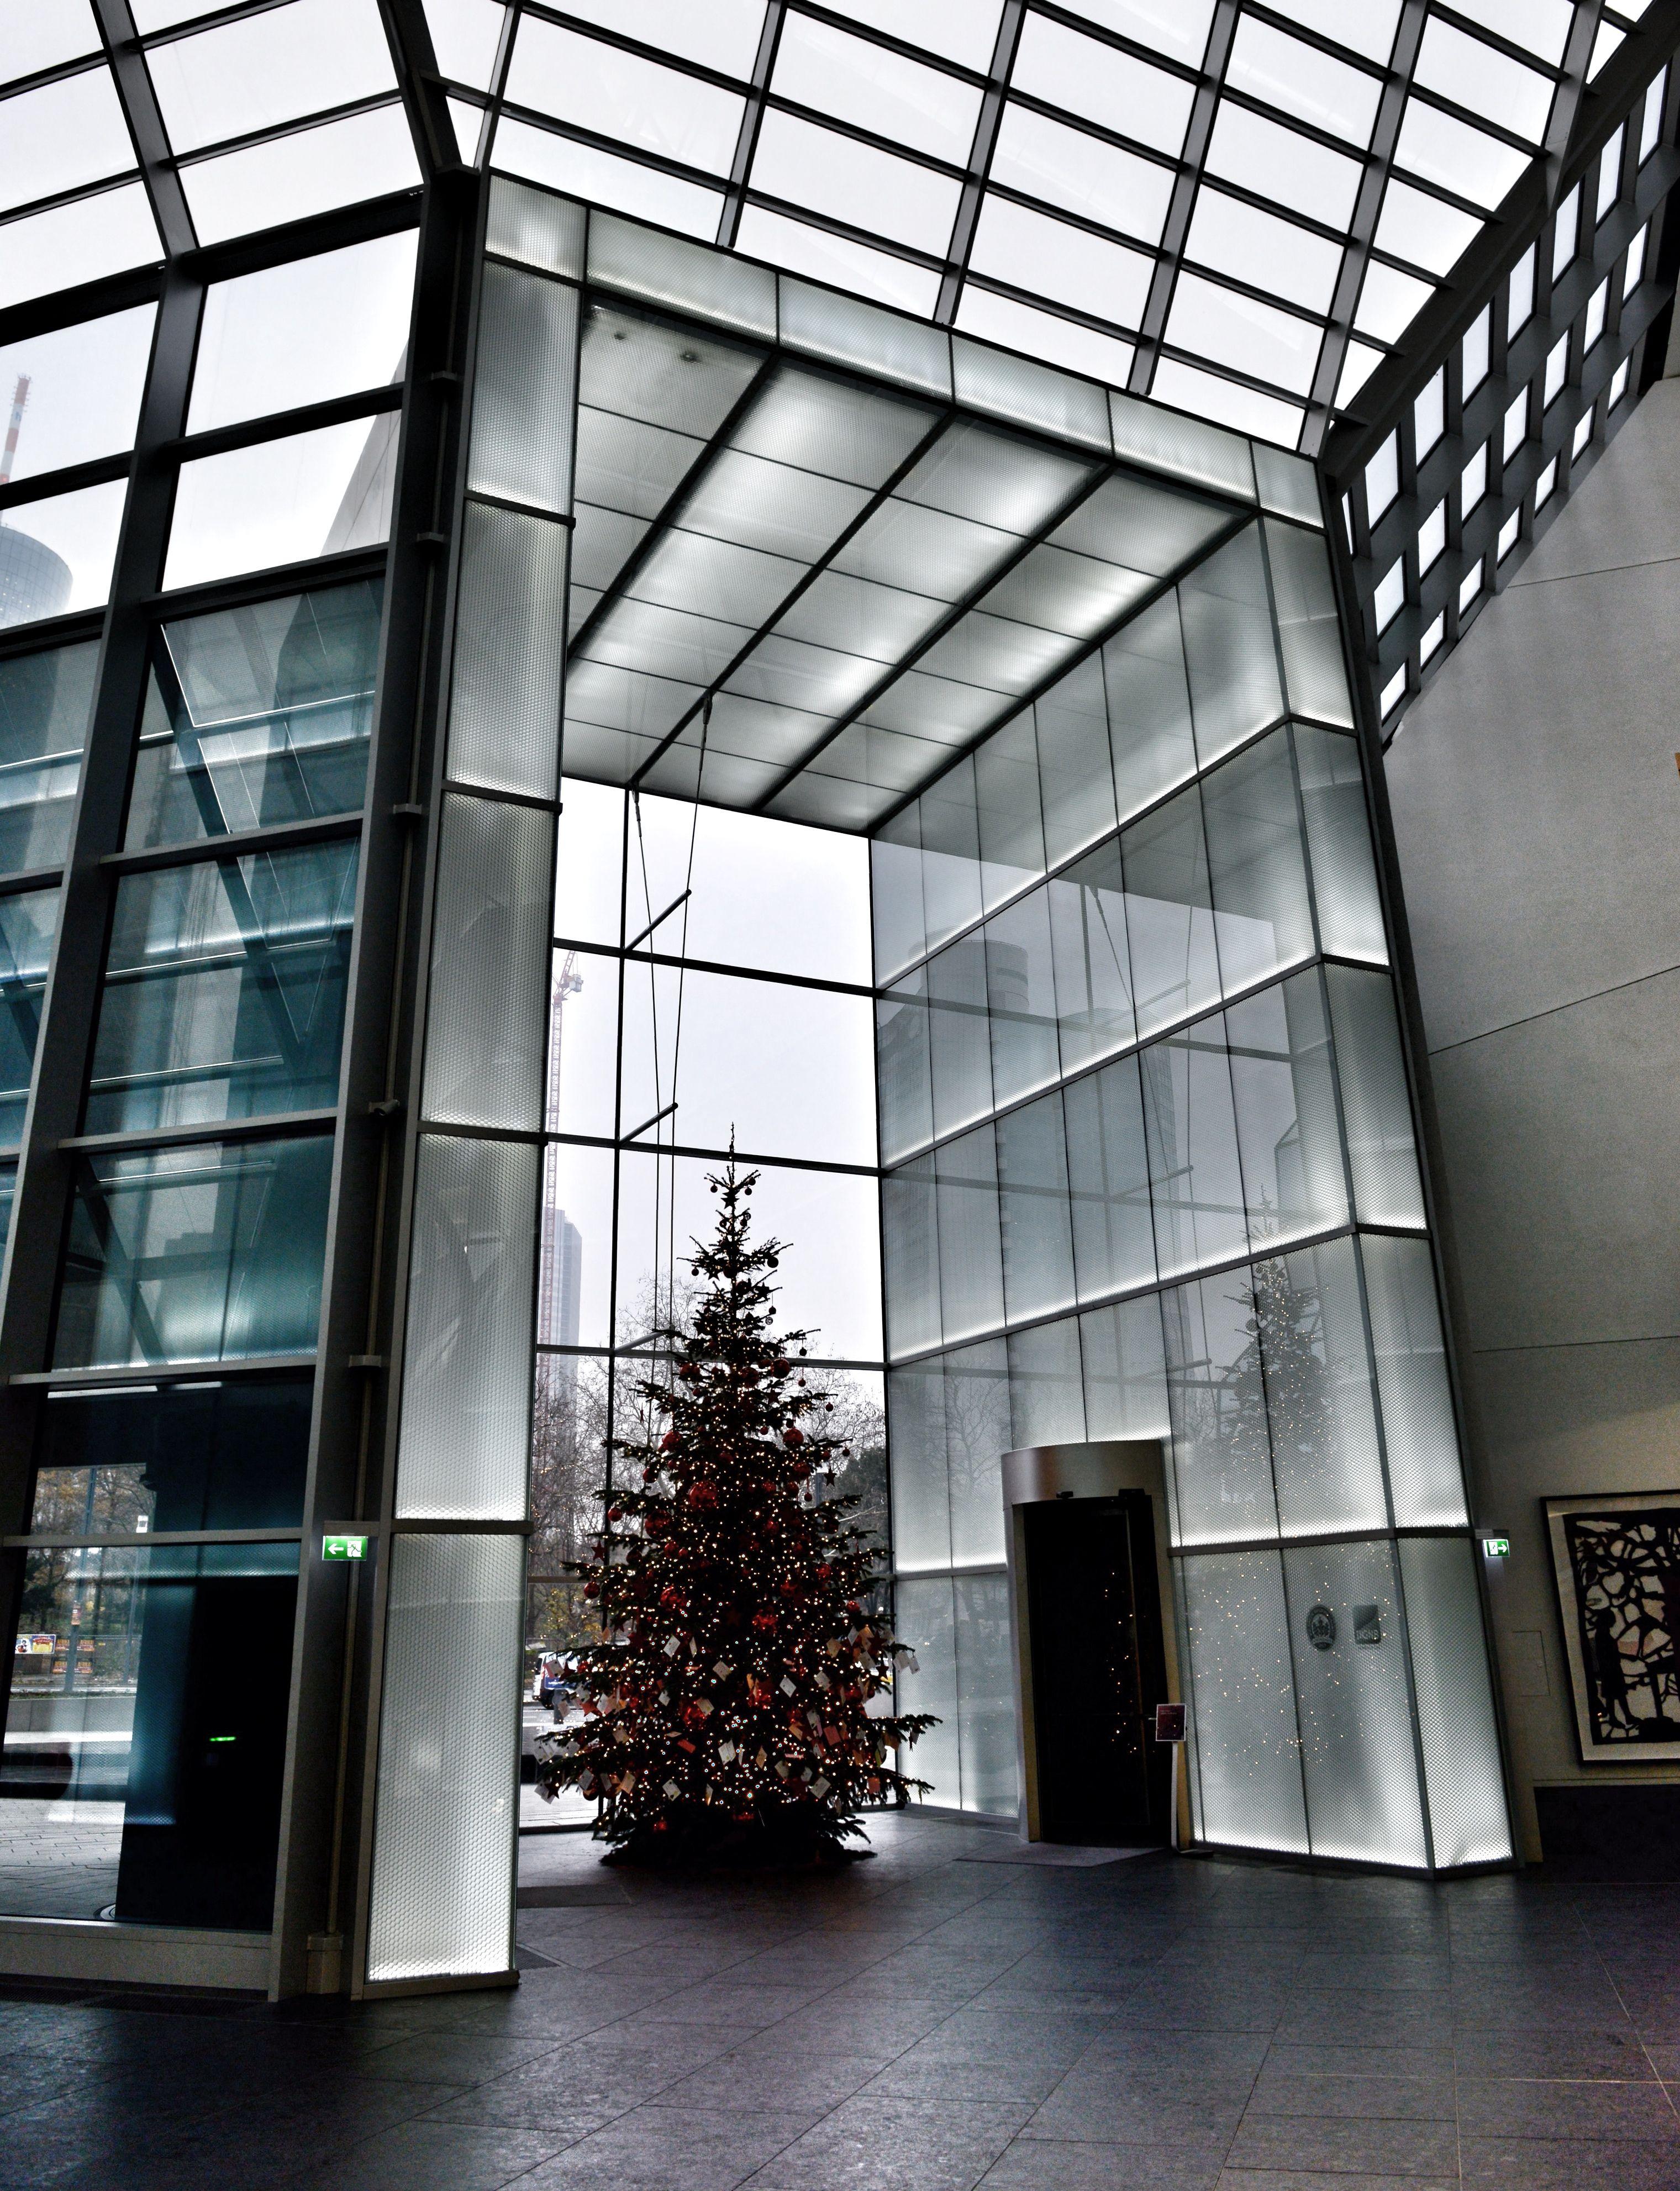 Deutsche Bank Frankfurt Architecture, Home decor, Decor